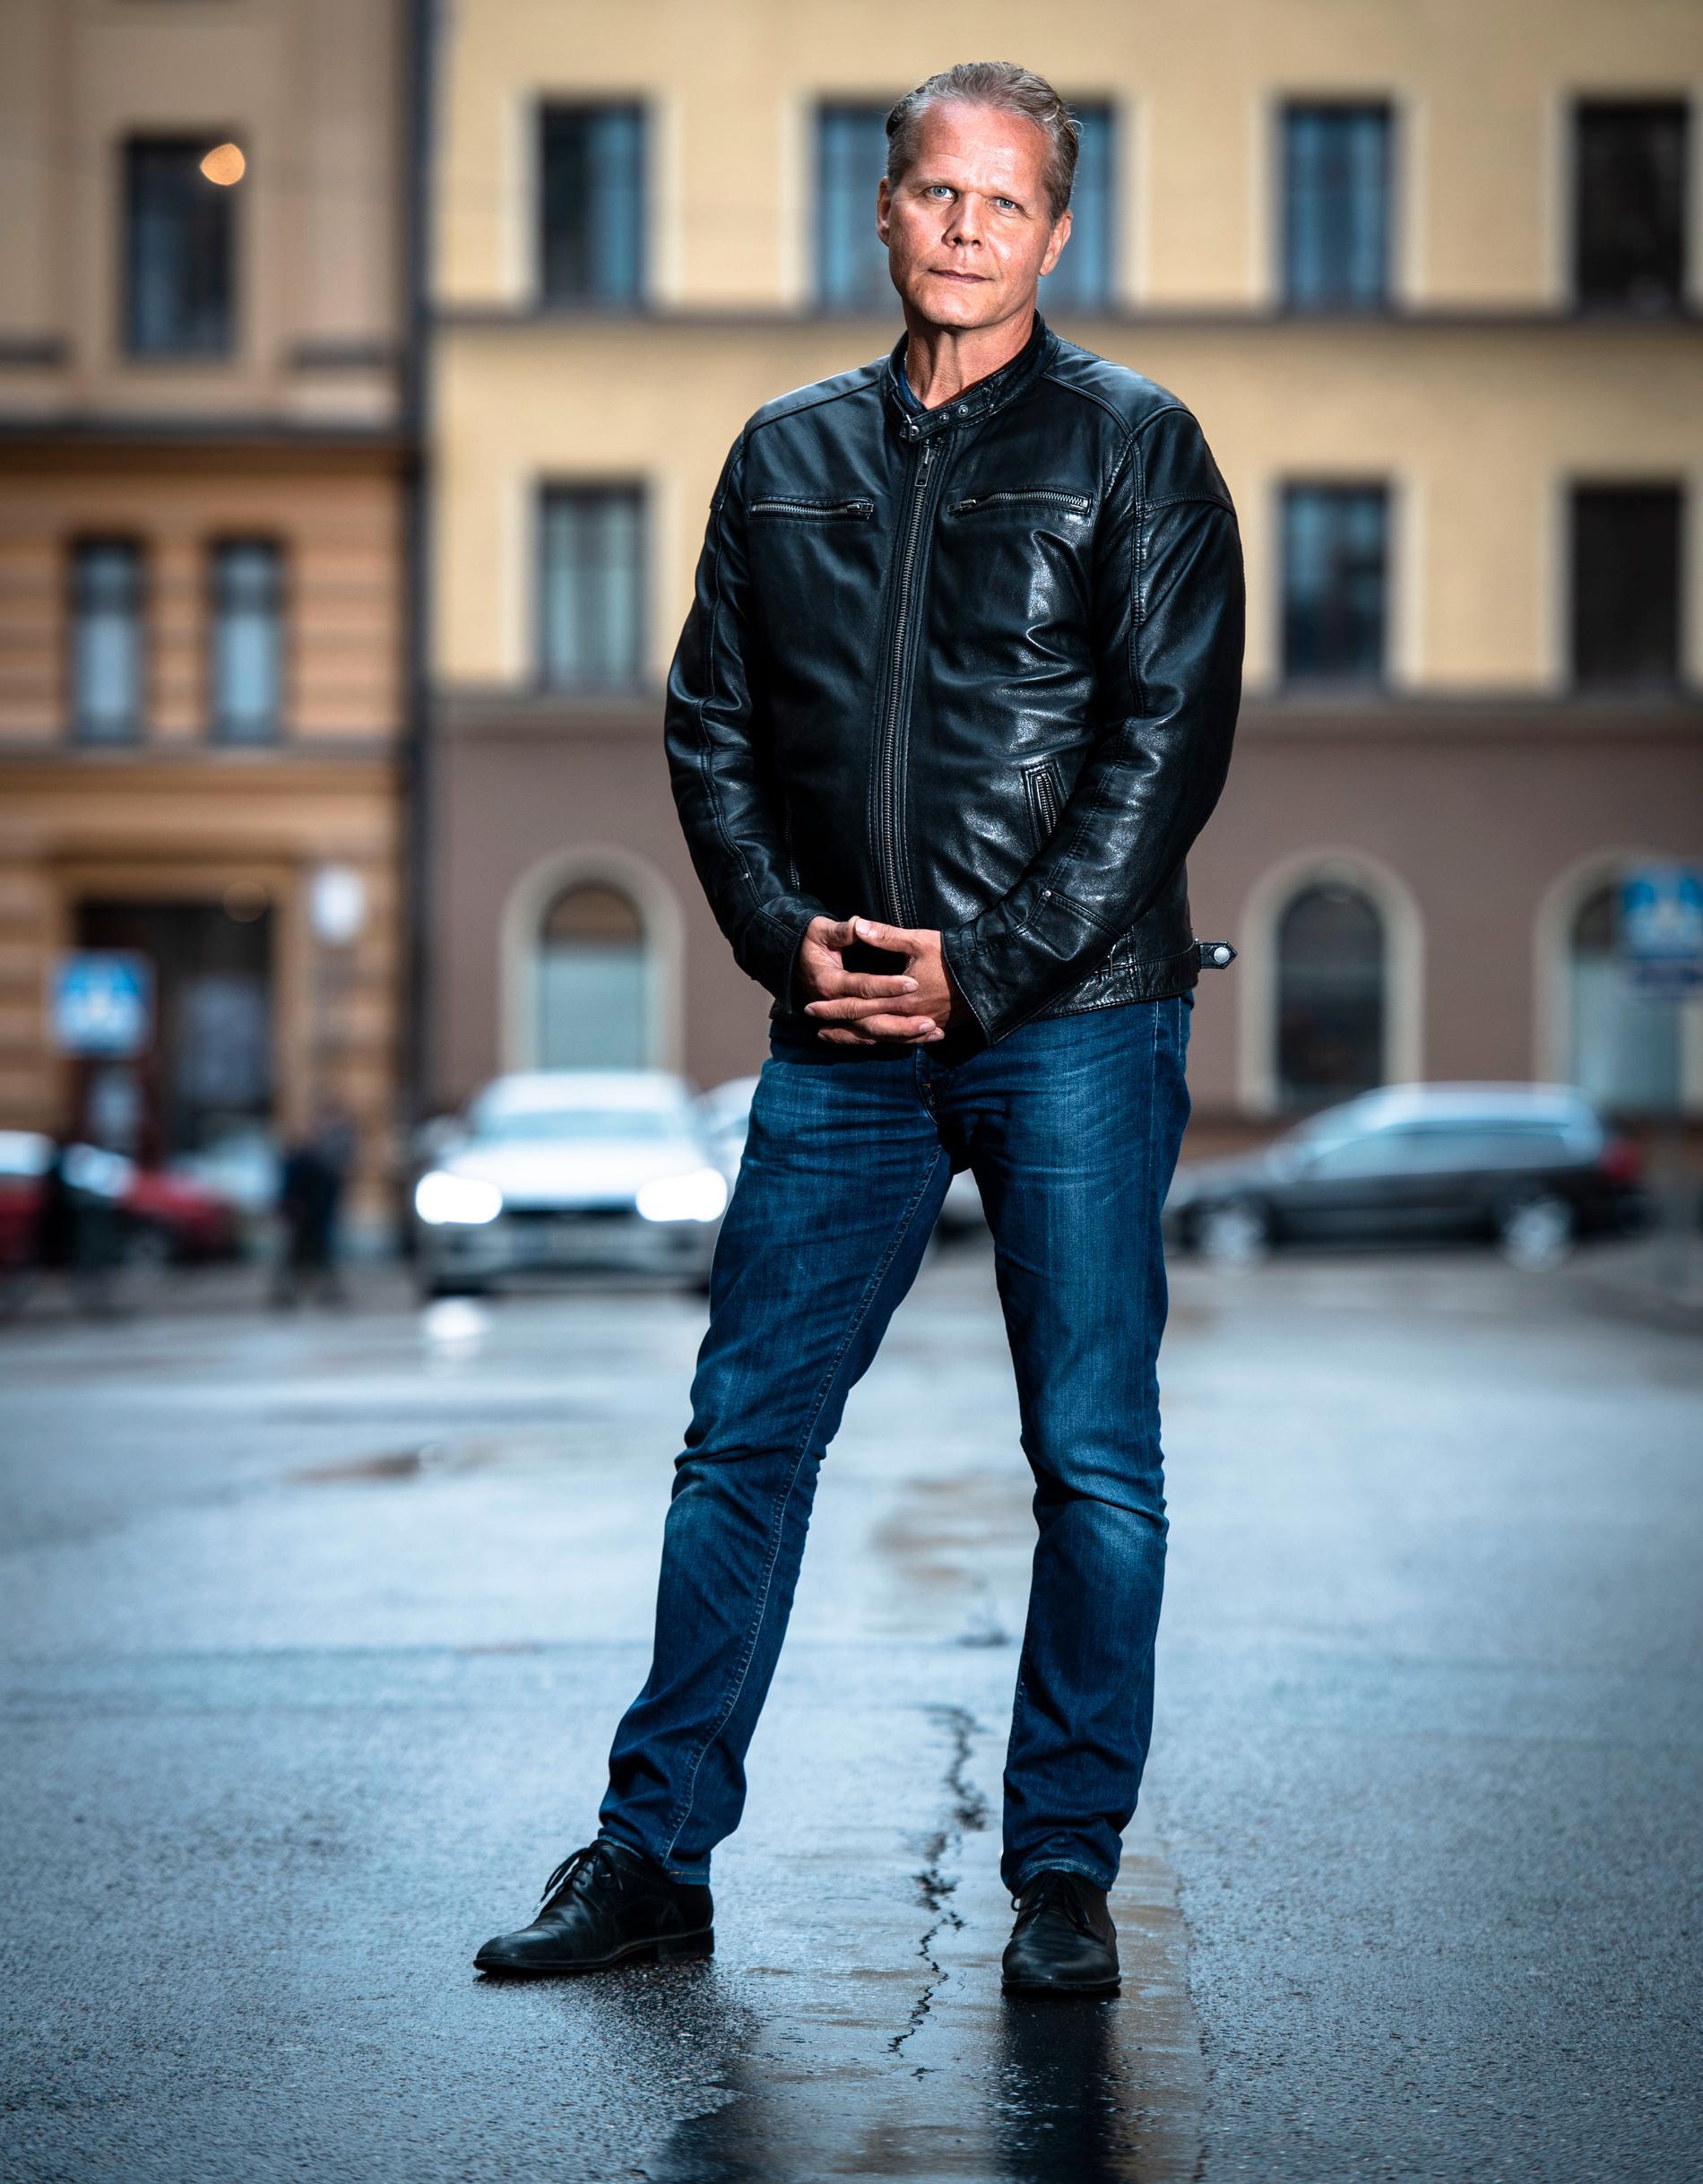 Kaj Linna har startat ett investeringsprojekt där han försöker få låginkomsttagare att satsa pengar i en okänd kryptofond.